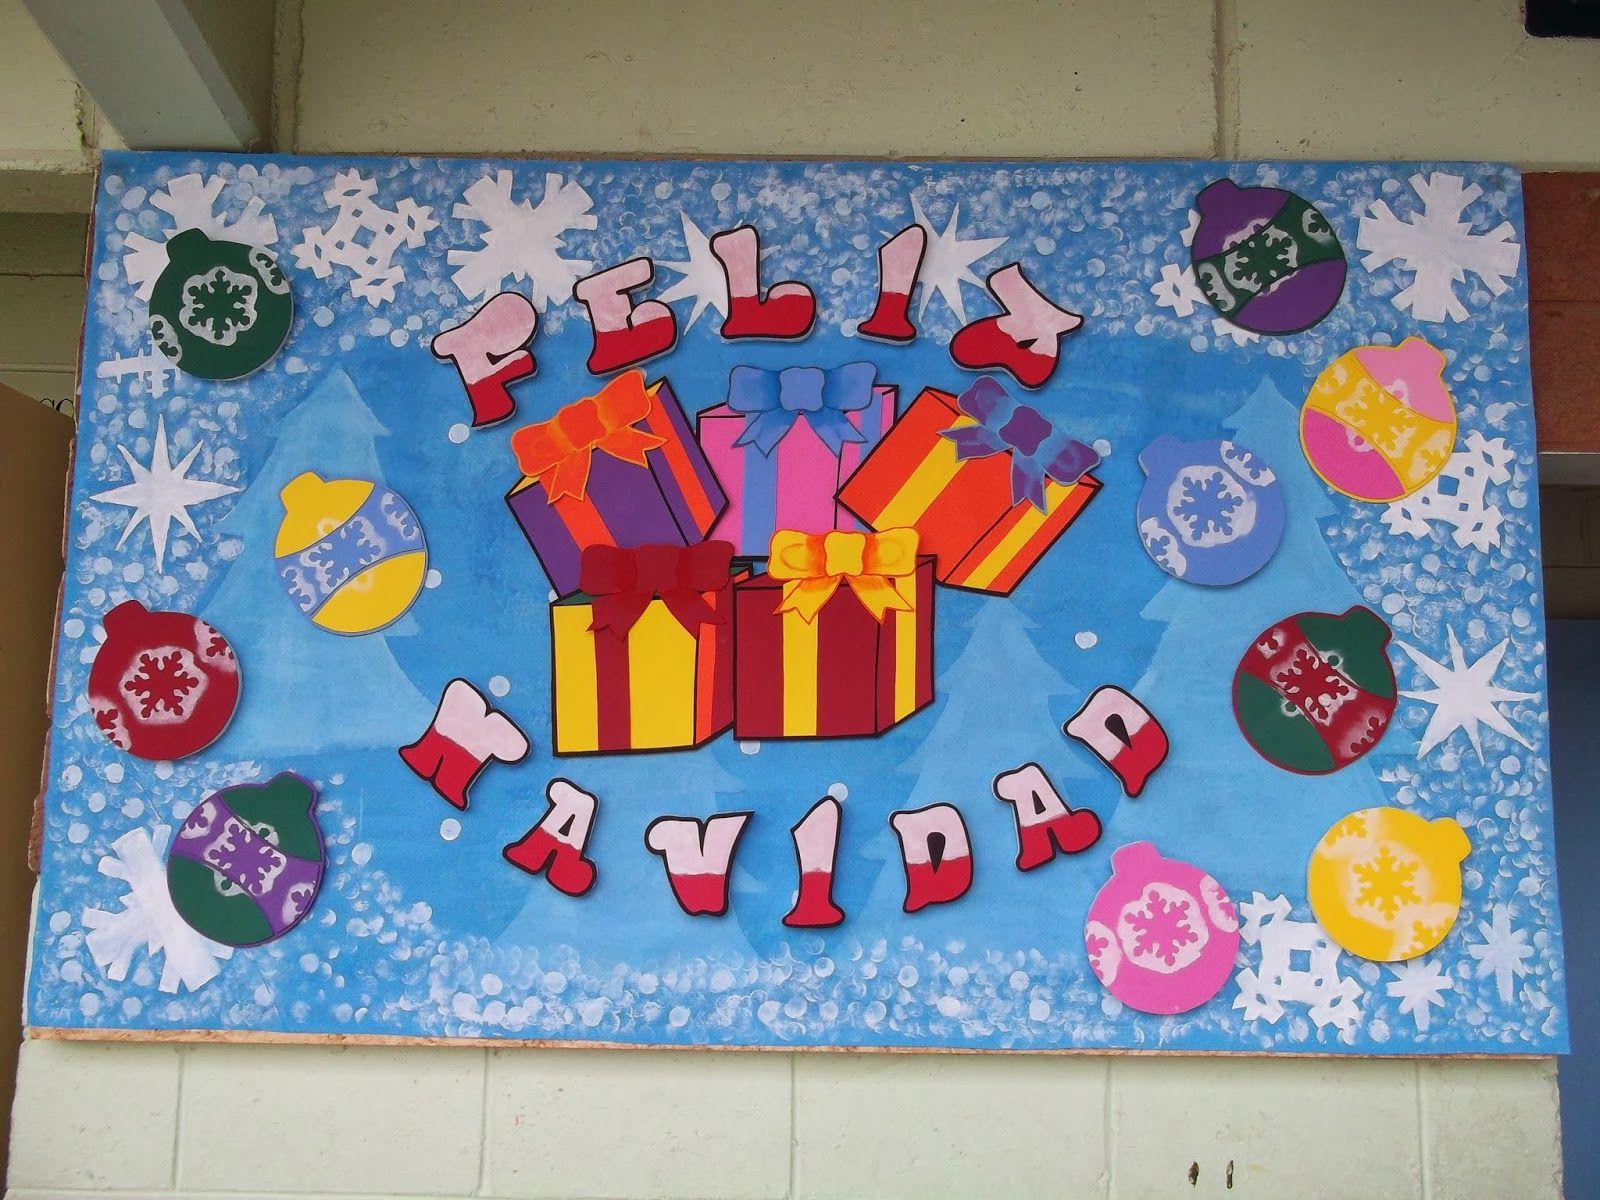 Decoraciones infantiles the teacher diciembre - Blog decoracion infantil ...